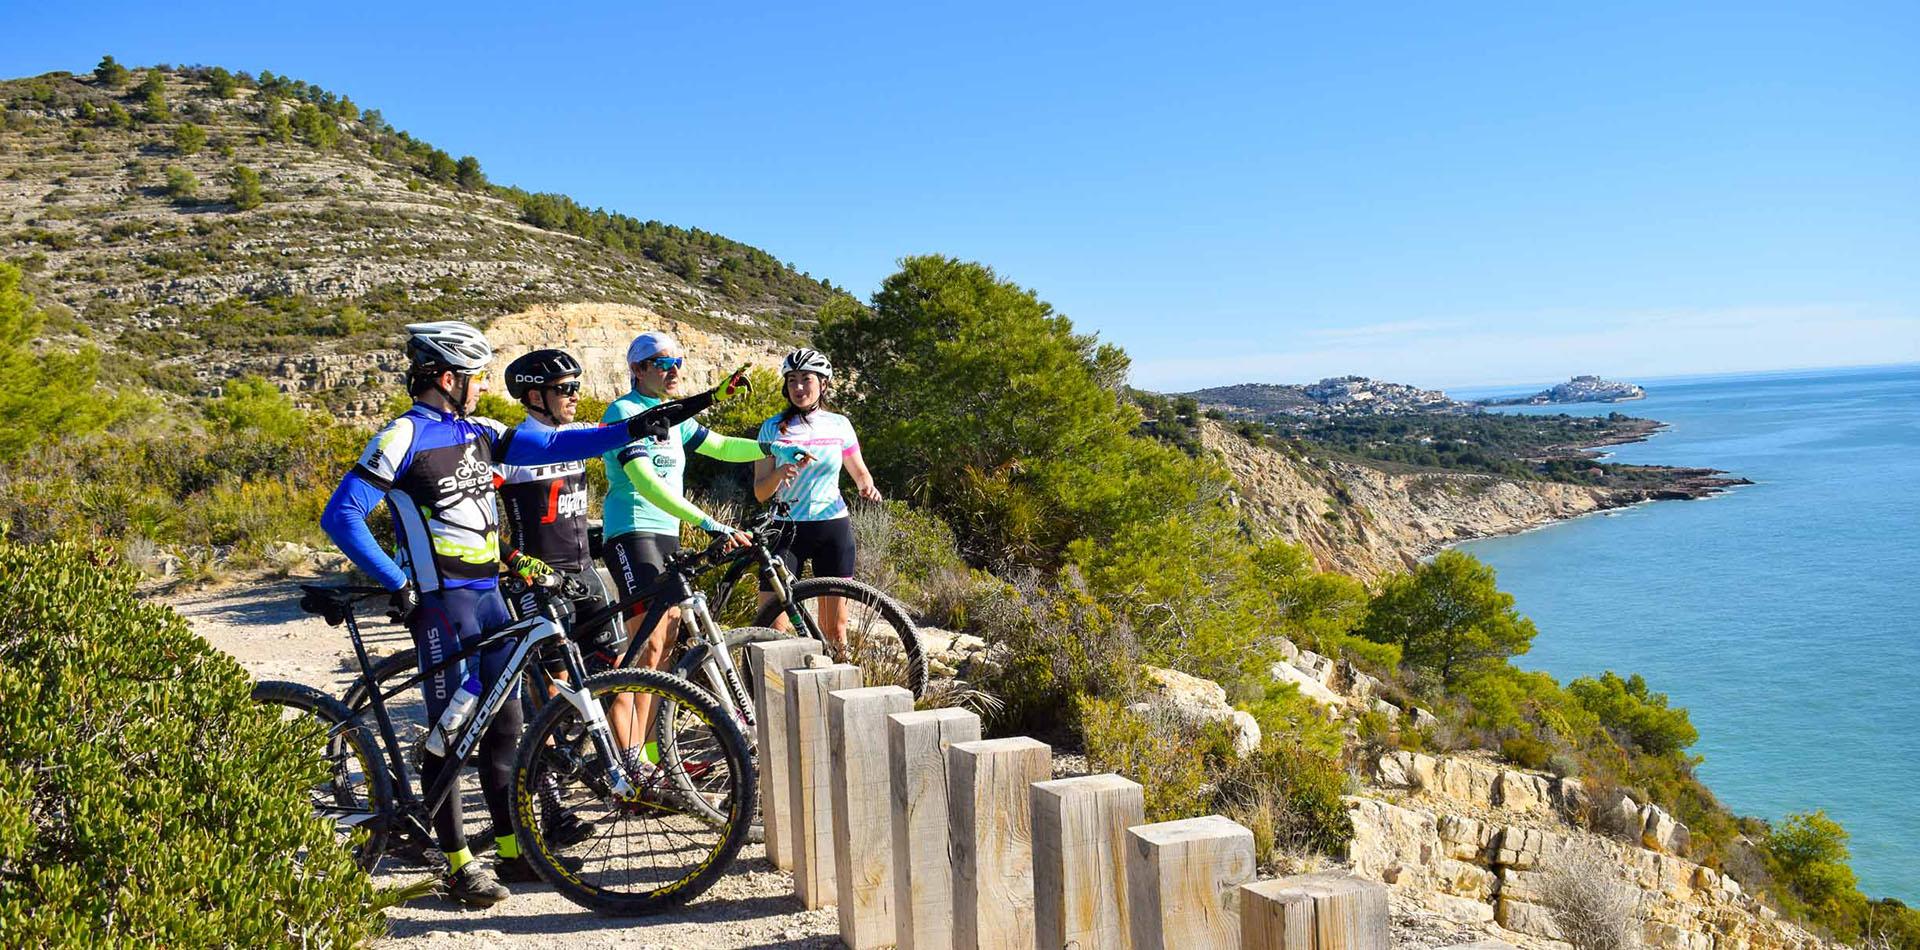 Viajes-Bicimaestrat-Cicloturismo-CycloTours-Peniscola-Benicarlo-Vinaros